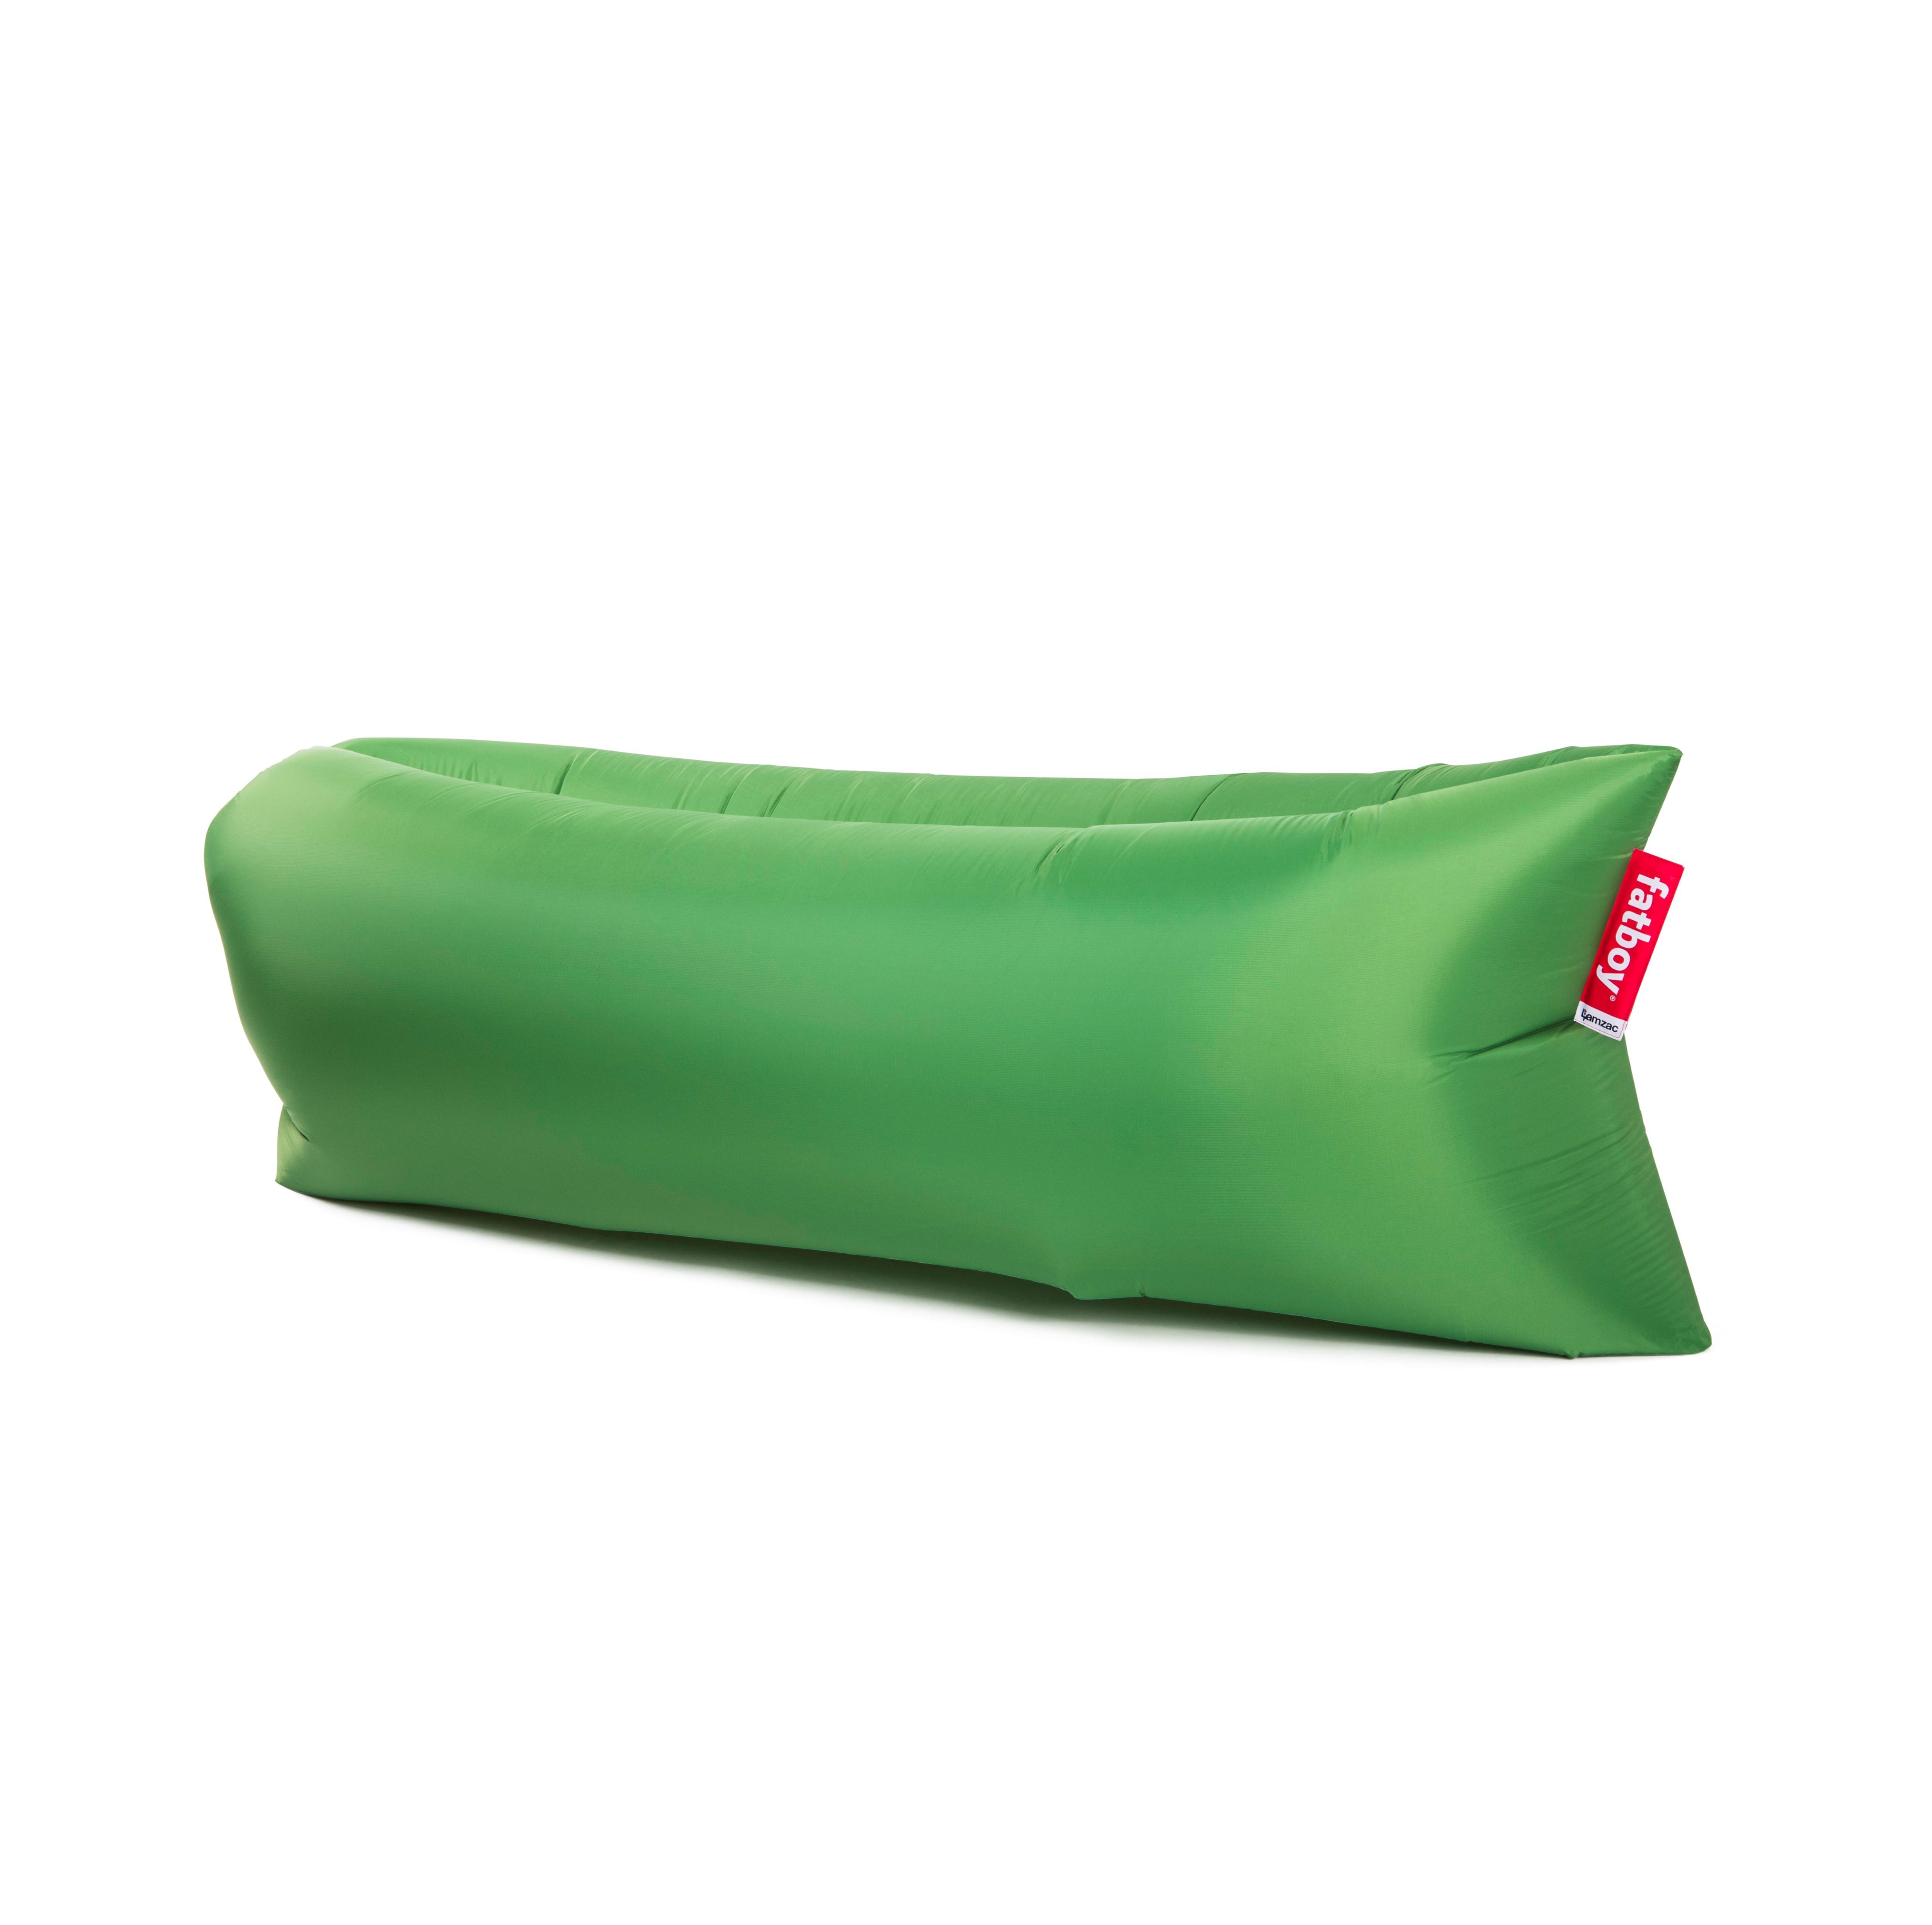 sofa chaise longue gonflable lamzac the original de fatboy vert prairie. Black Bedroom Furniture Sets. Home Design Ideas